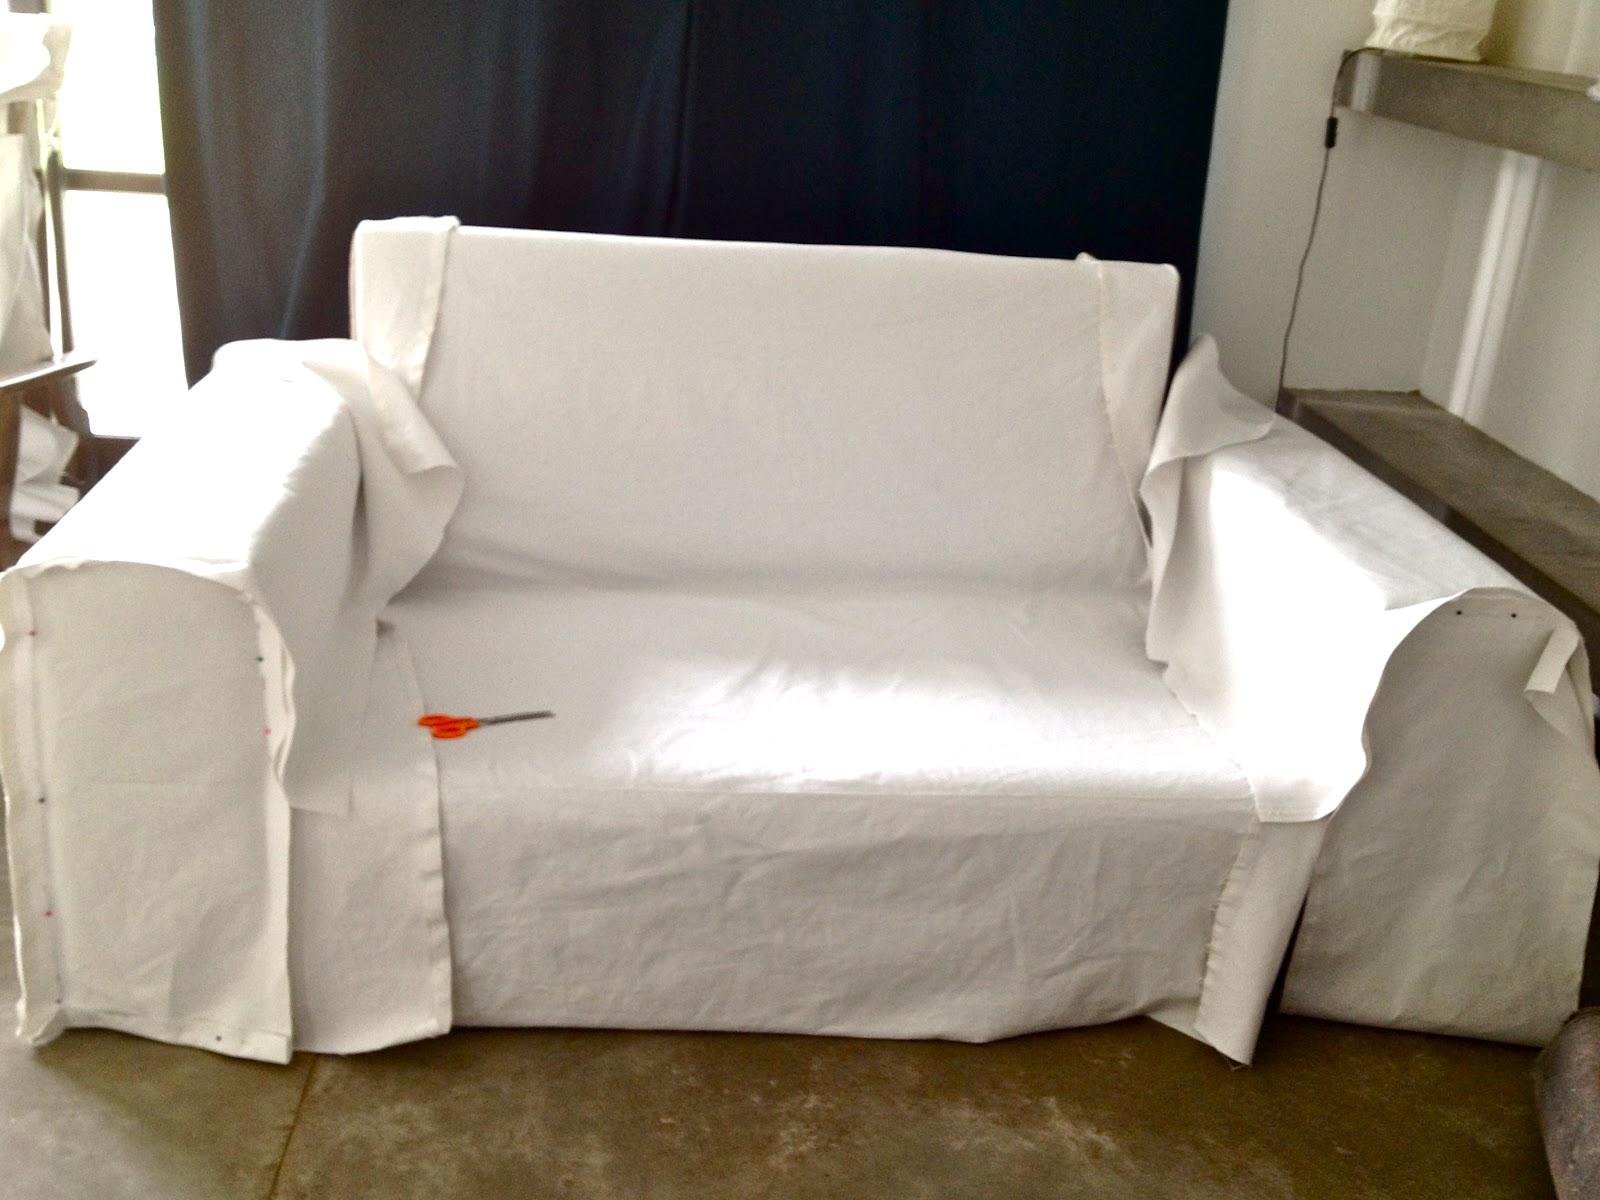 Funda blanca para mi sill n casi tutorial parte 2 lote 93 - Como tapizar un sofa en casa ...